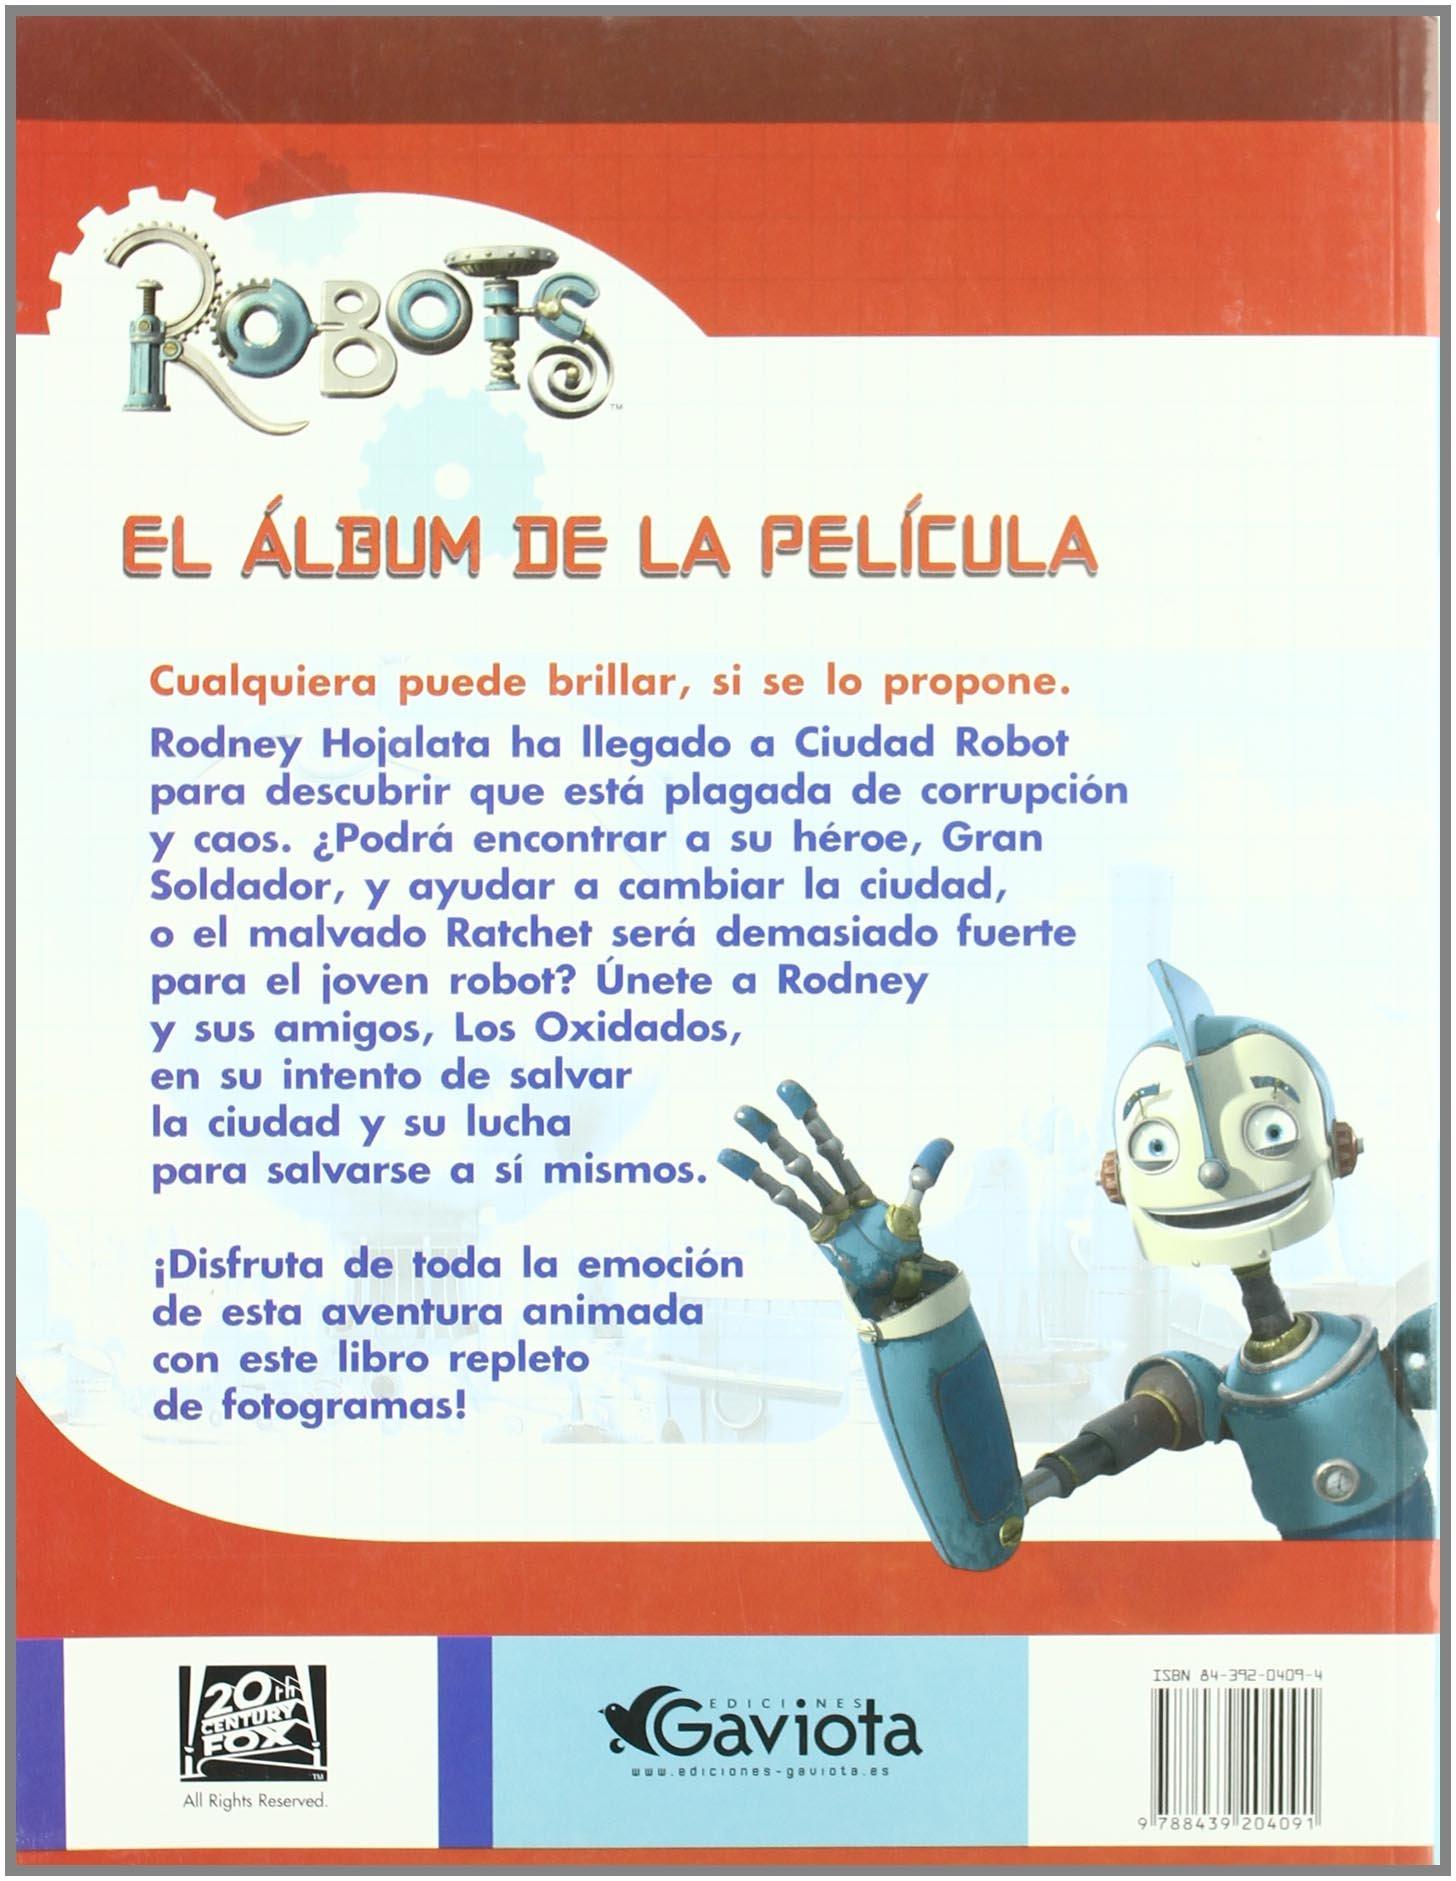 Robots. El álbum de la película: S.L. Ediciones Gaviota: 9788439204091: Amazon.com: Books